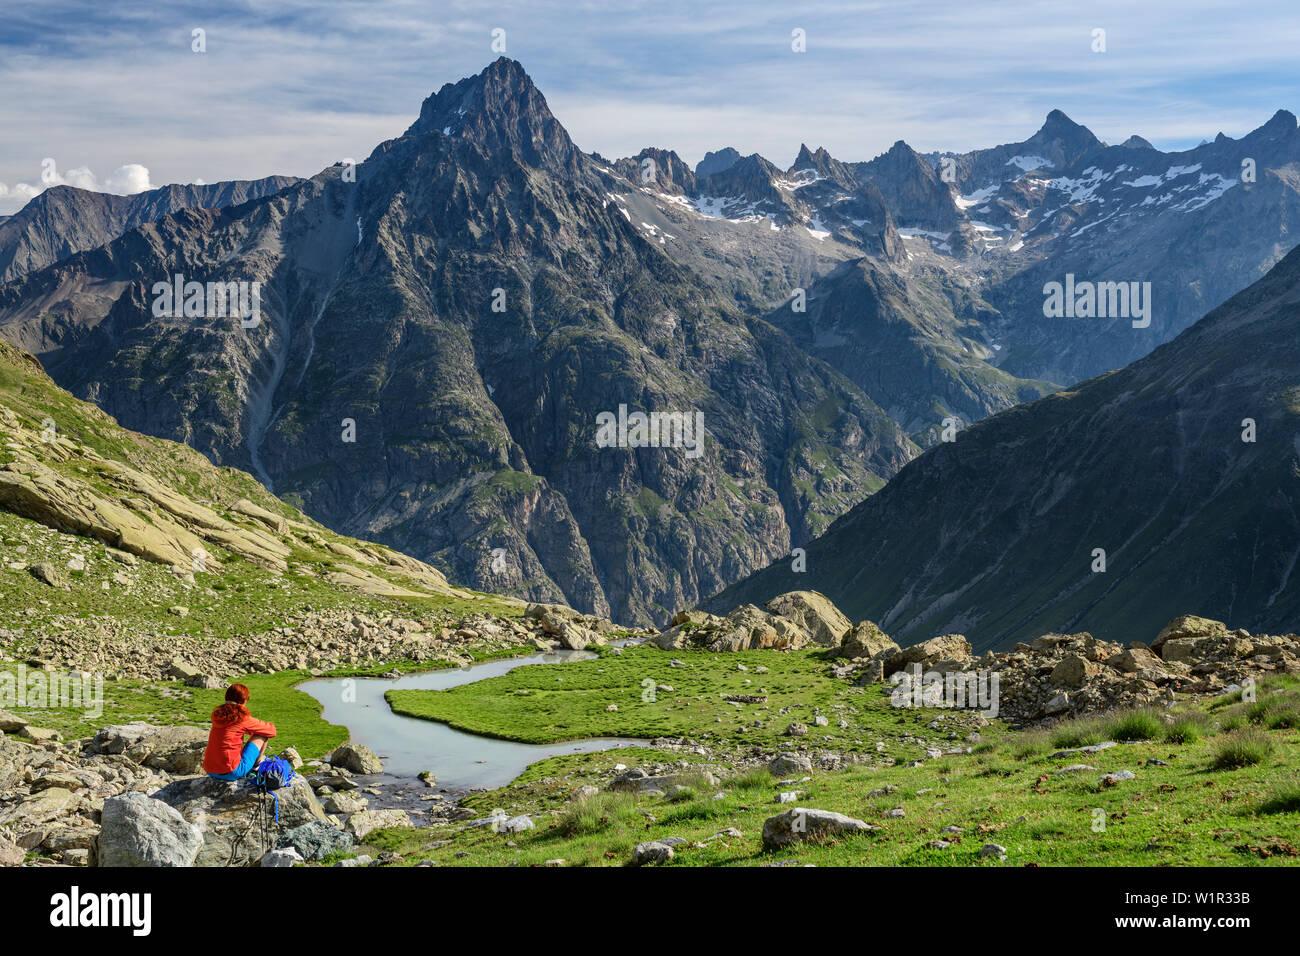 Woman Sitting On rock while hiking and views of Aiguille Du Plat de La Selle, on the Lac Bèches, Ecrins, Ecrins National Park, Dauphiné, Dauphiné, Hau - Stock Image